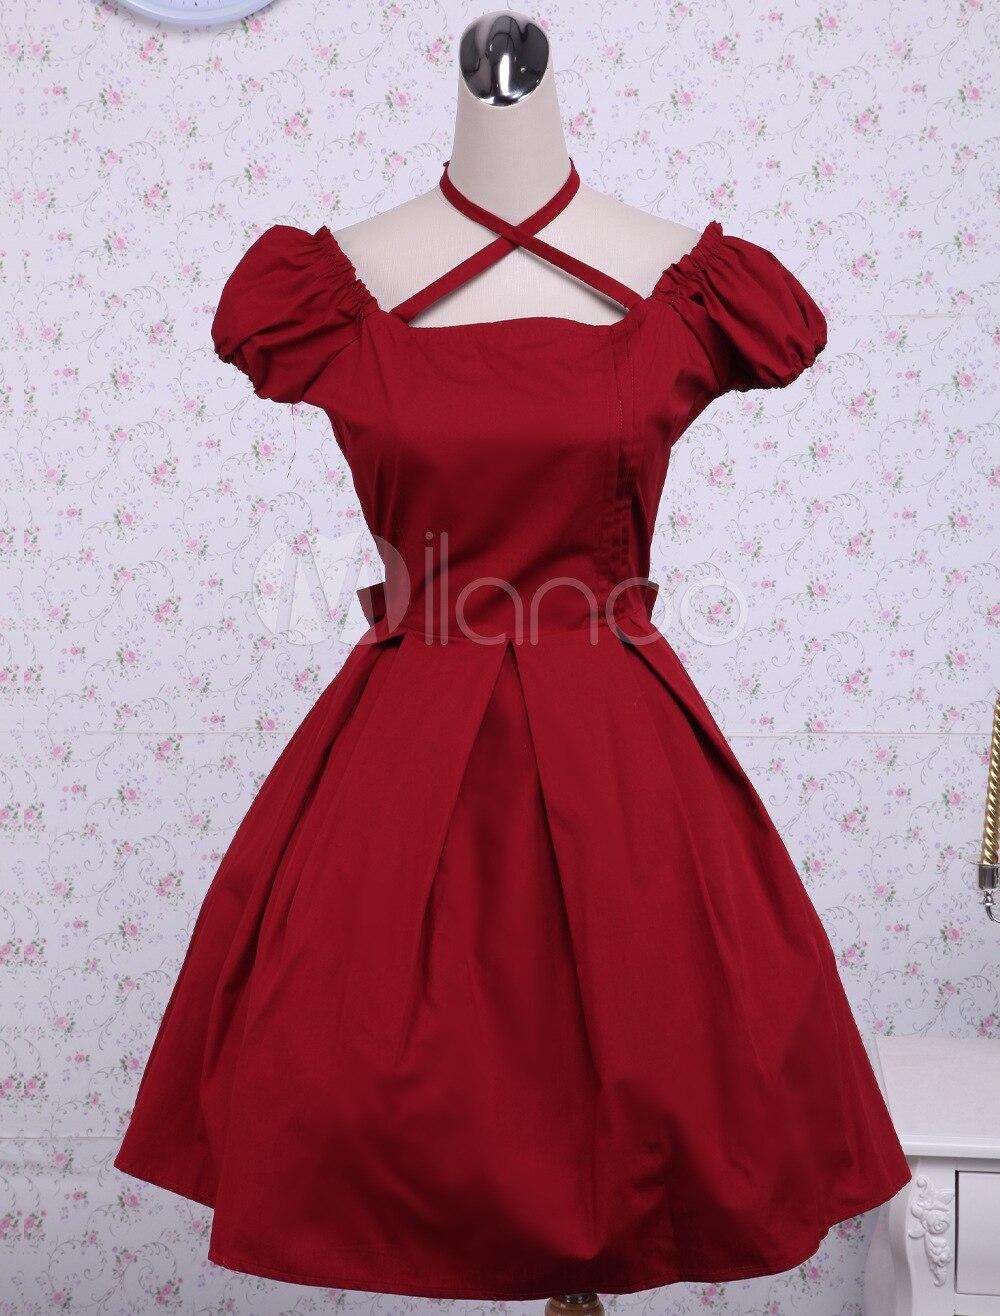 05162964735 Classique Haute Gratuite Rouge Livraison Robe Lolita Arc Qualité Nouveautés  Coton wRvqB0